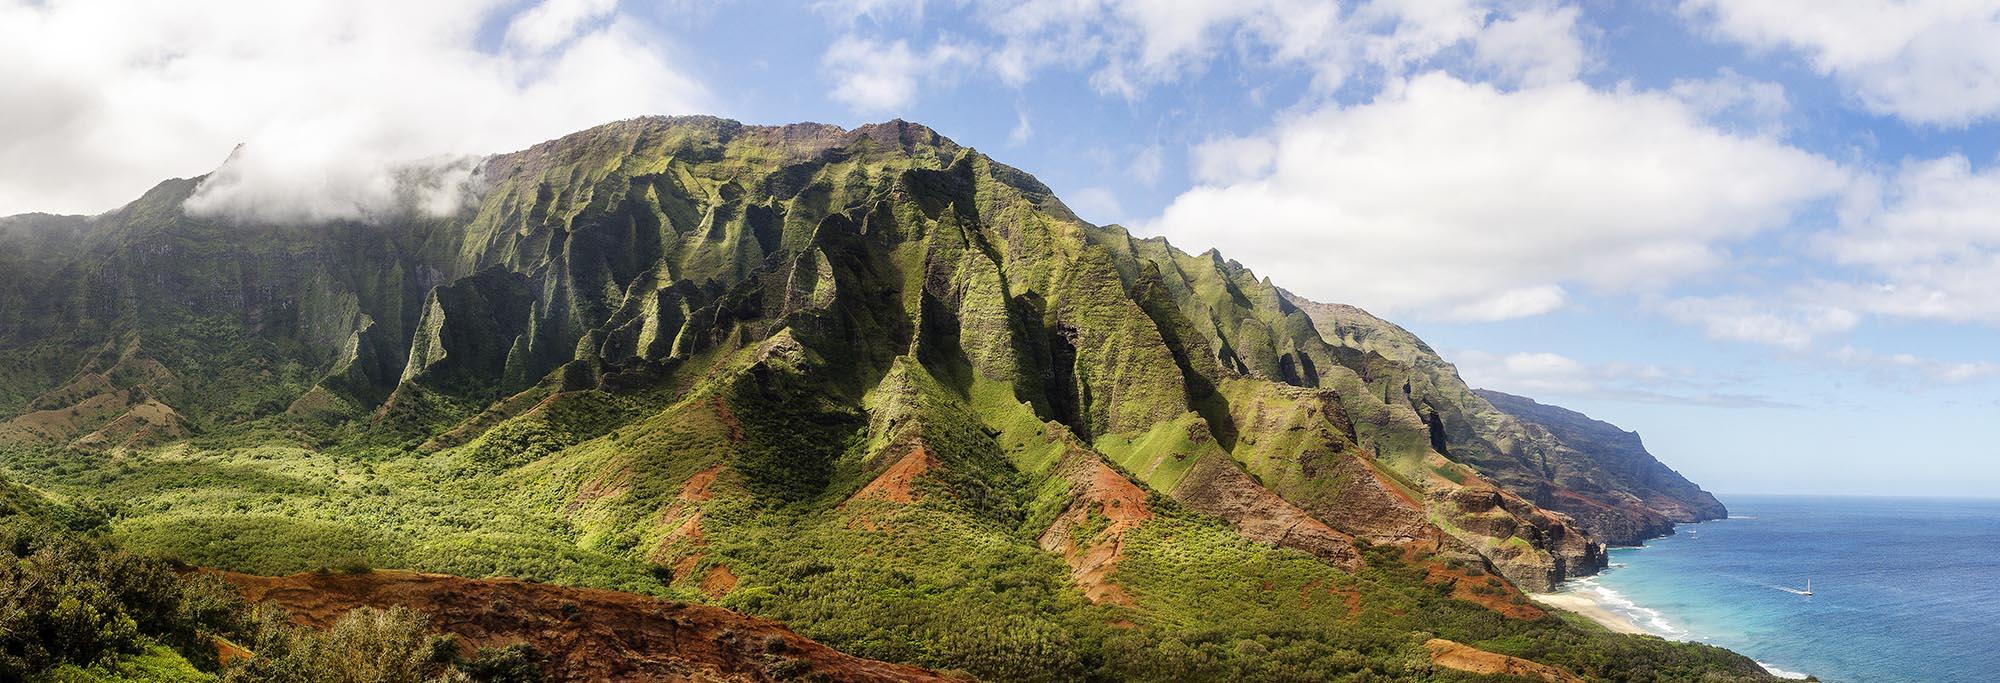 PhotoFly Travel Club | 7 Pics page Page Napali | PhotoFly Travel Club